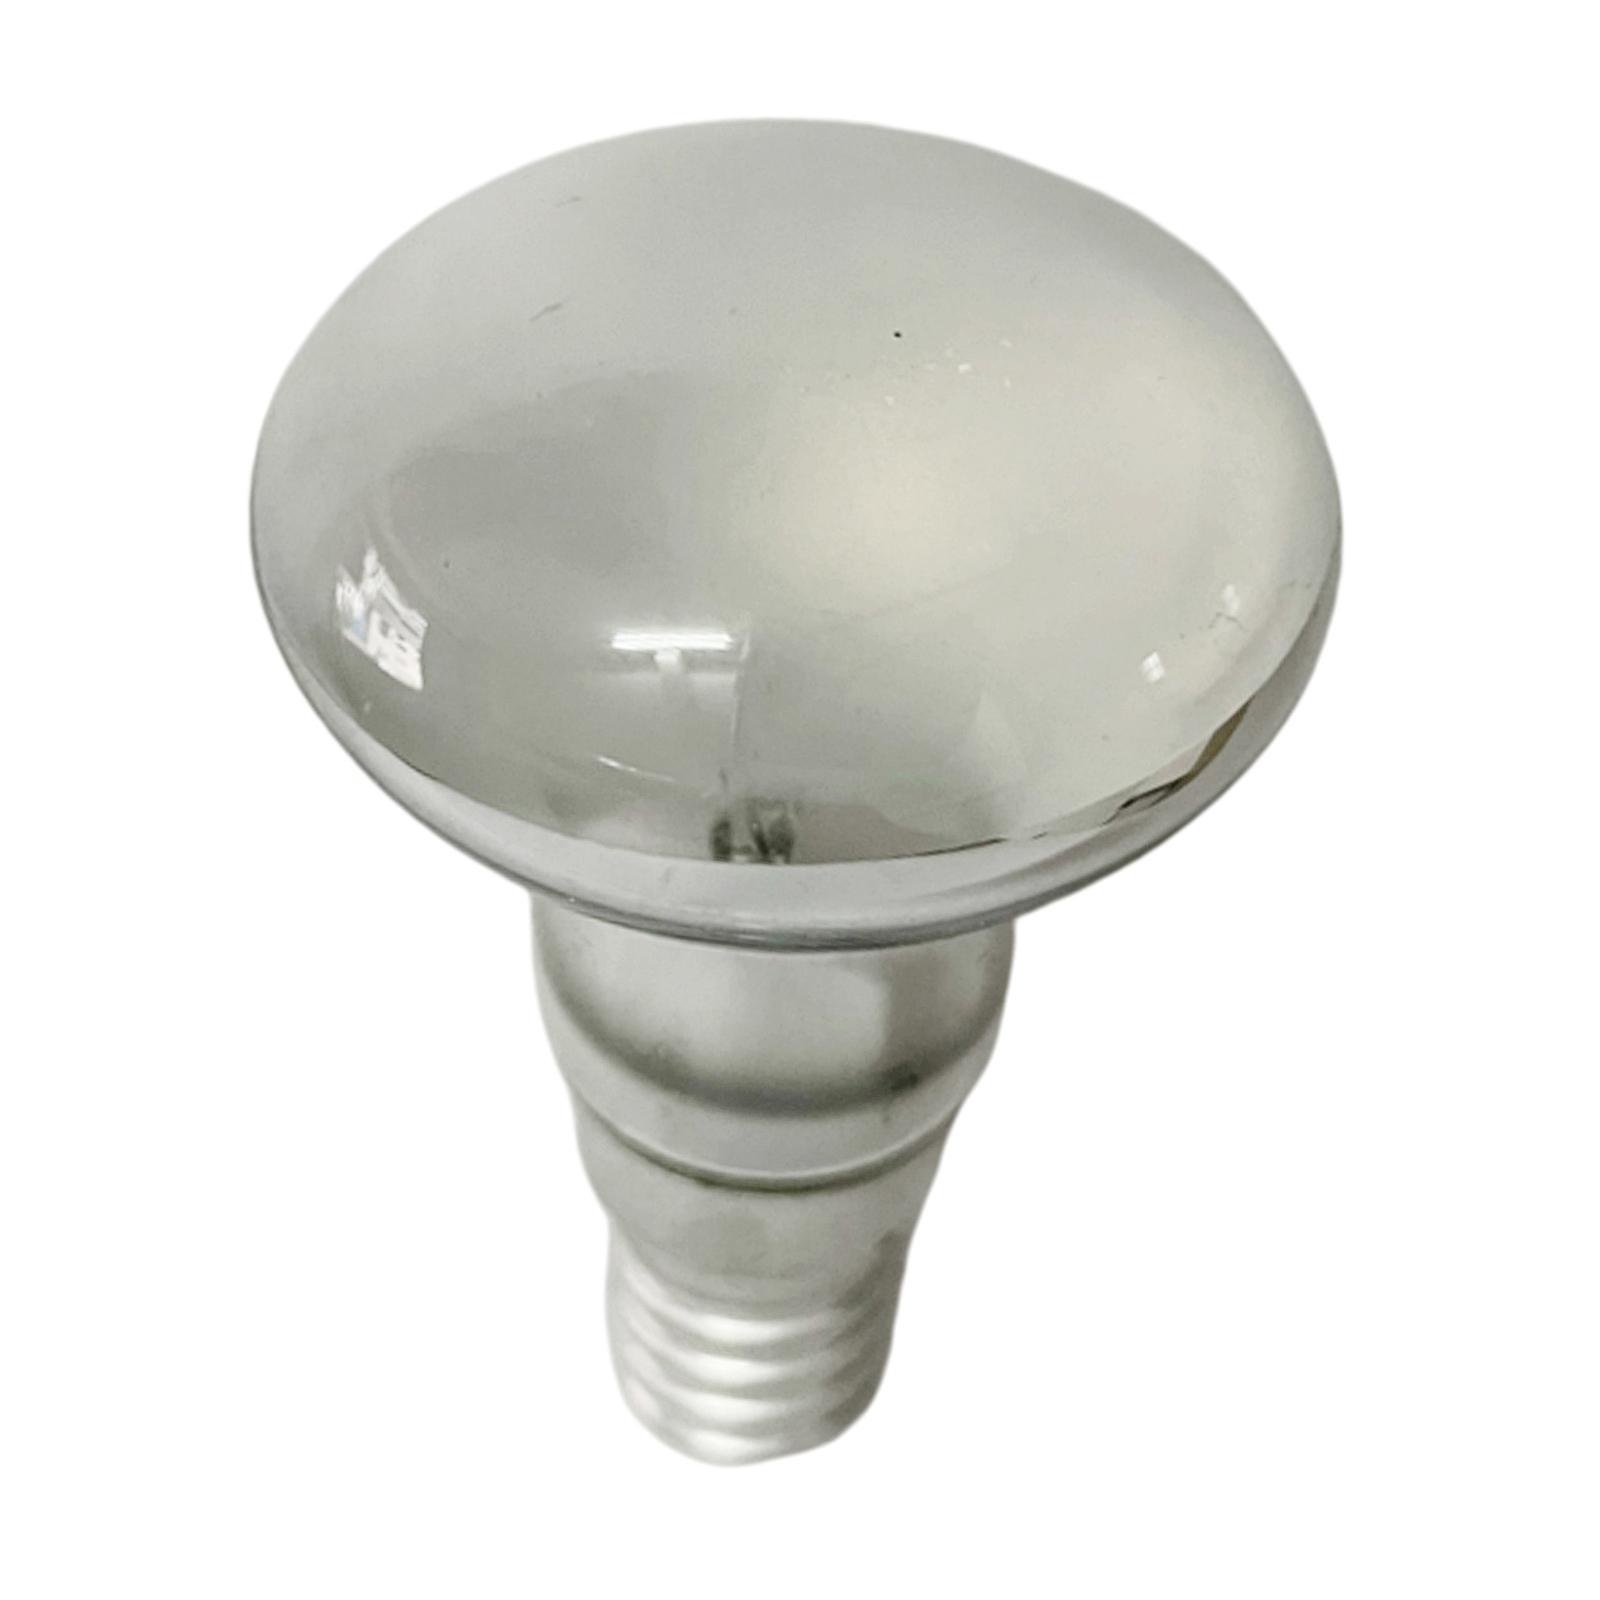 10pcs-Ampoules-a-Reflecteur-SES-E14-Lumiere-Decoration-pour-Chambre-Salon miniature 10